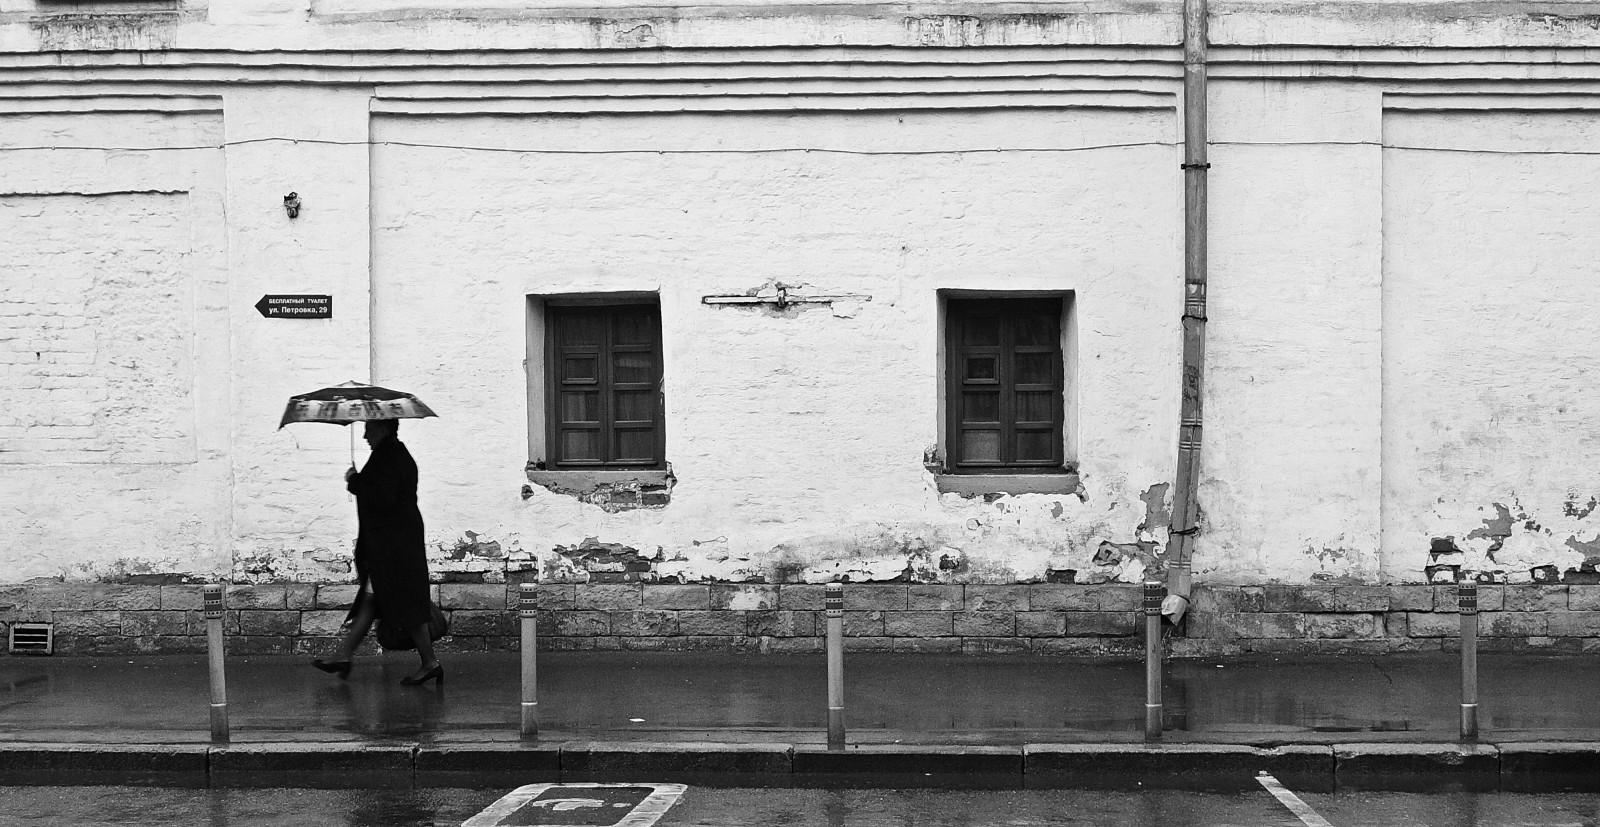 Уличная фотография Екатерины Елизаровой. Дождь